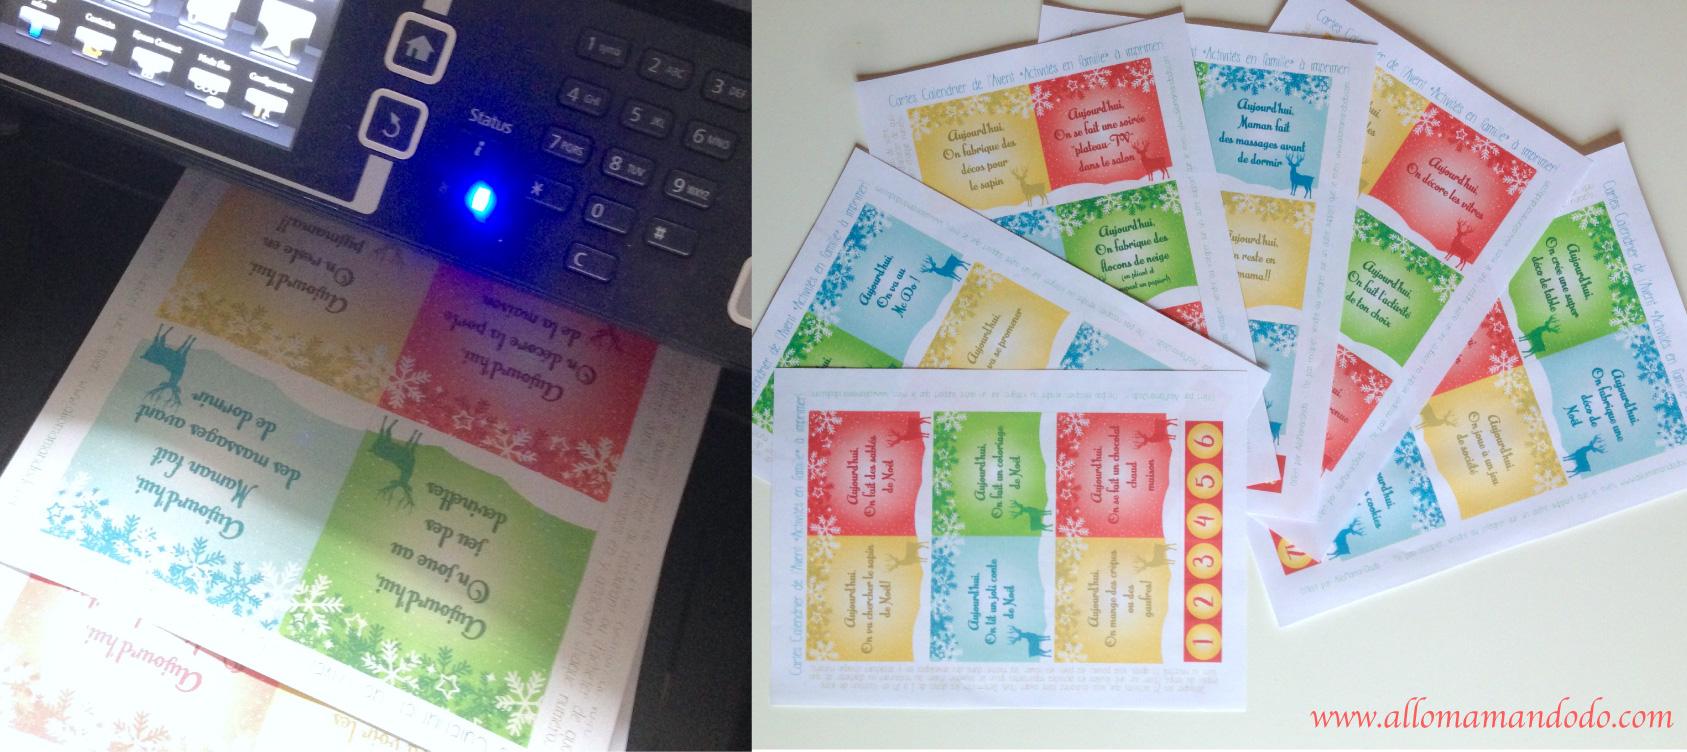 Le calendrier de l 39 avent imprimer activit s et partage en famille allo maman dodo - Calendrier de l avent a fabriquer en maternelle ...